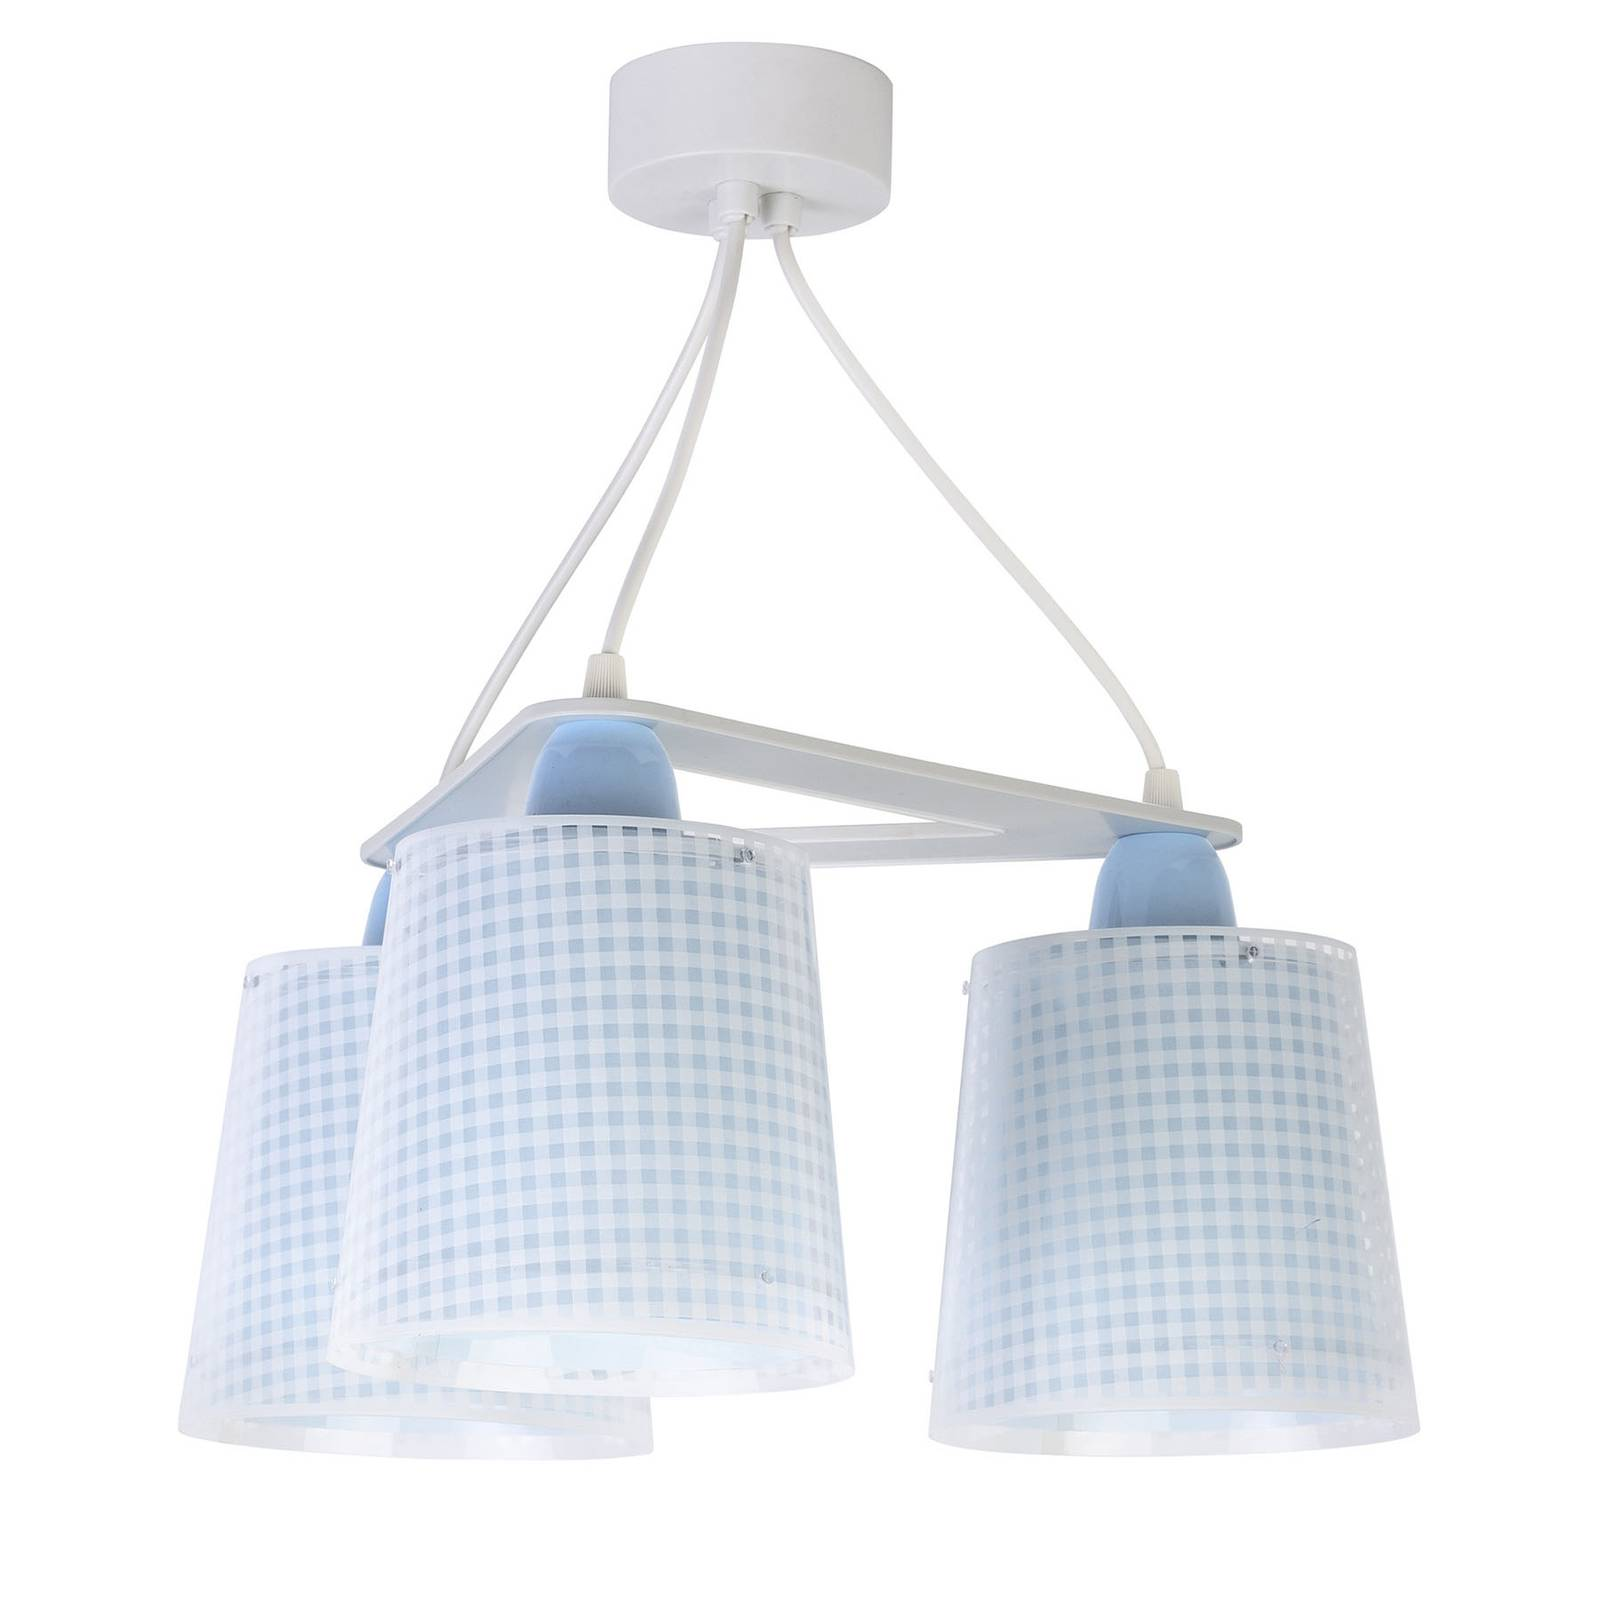 Lastenhuoneen riippuvalo Vichy, 3-lamp, sininen